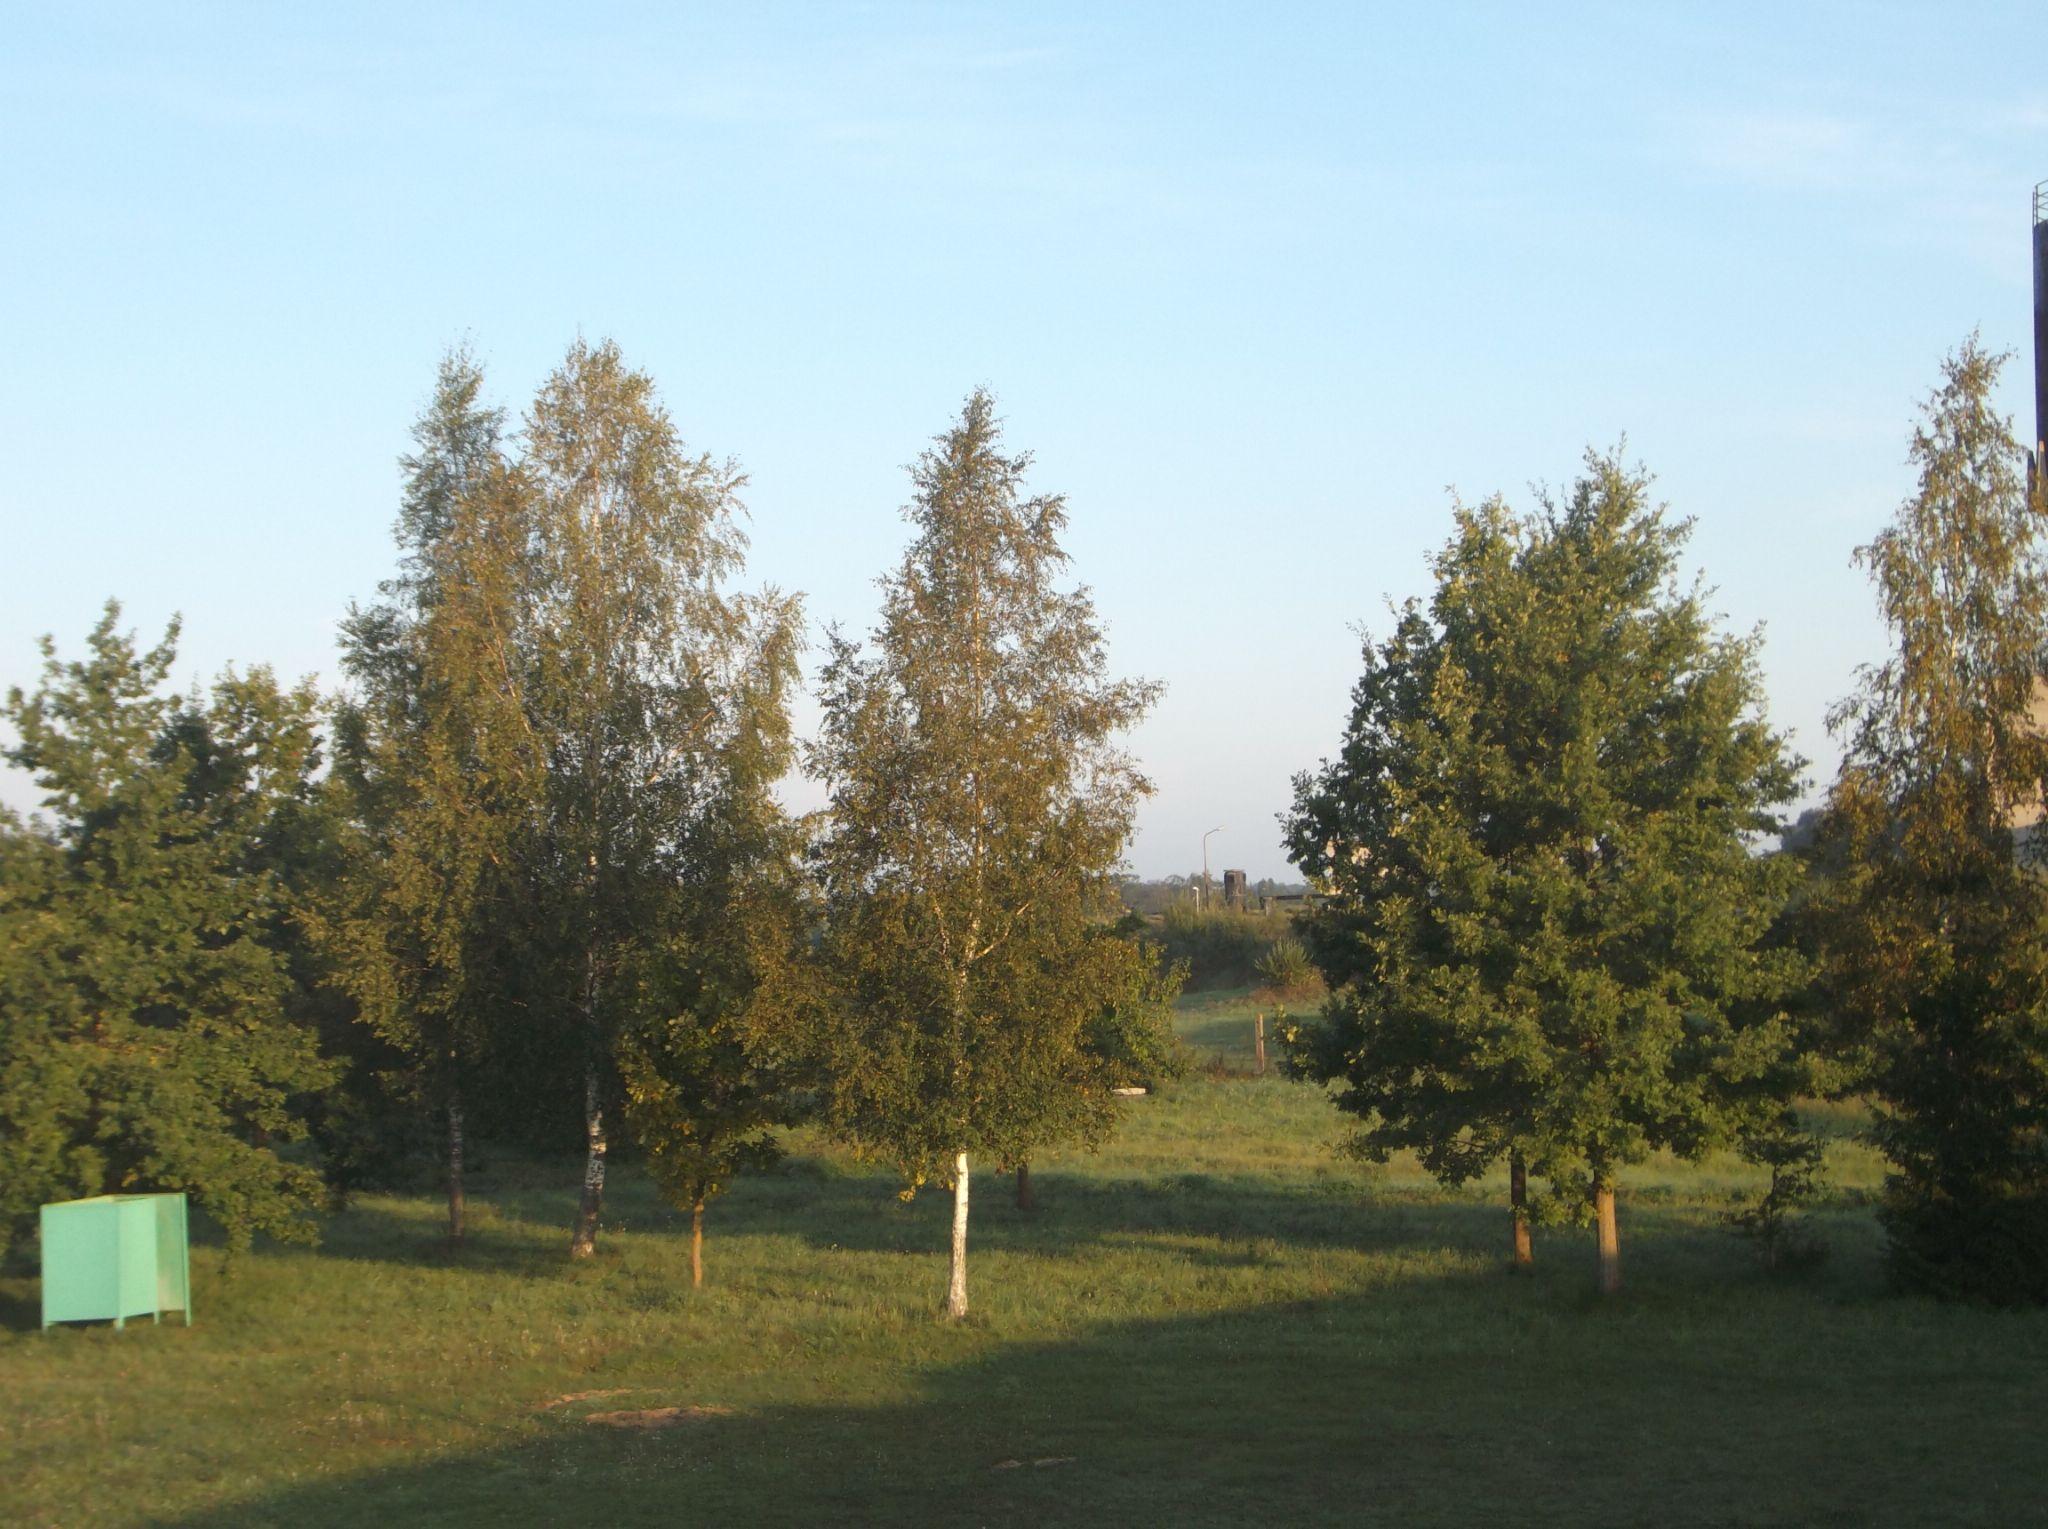 The trees in the morning. by Zita Užkuraitienė